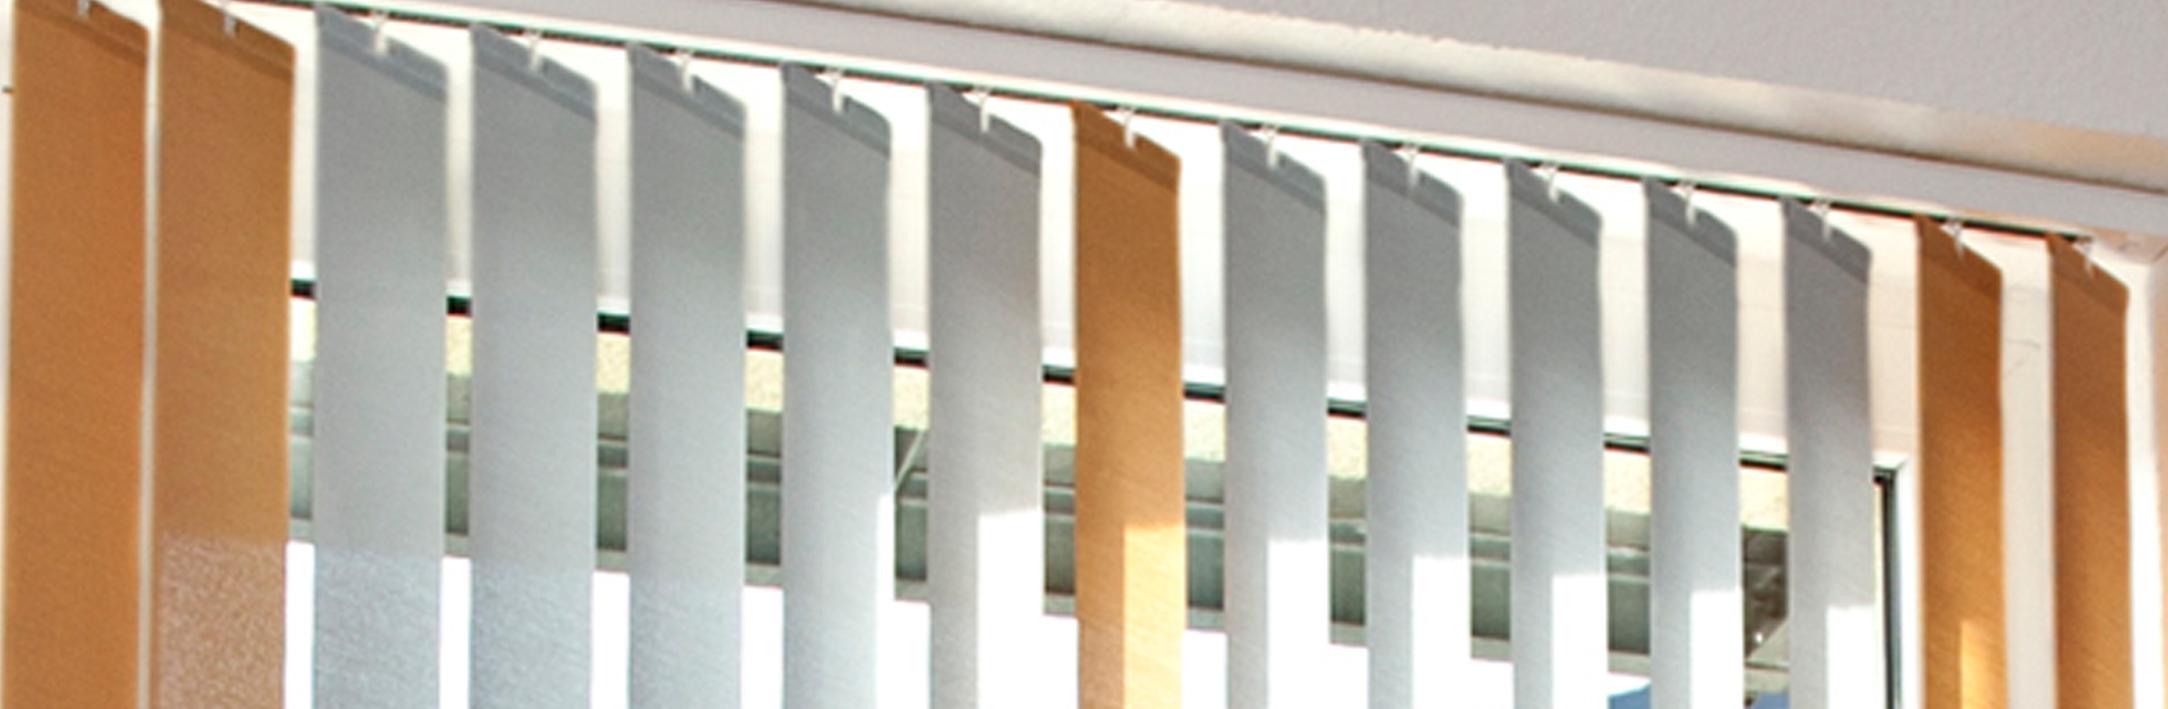 Lamellenvorhang Ersatzteile Und Zubehor